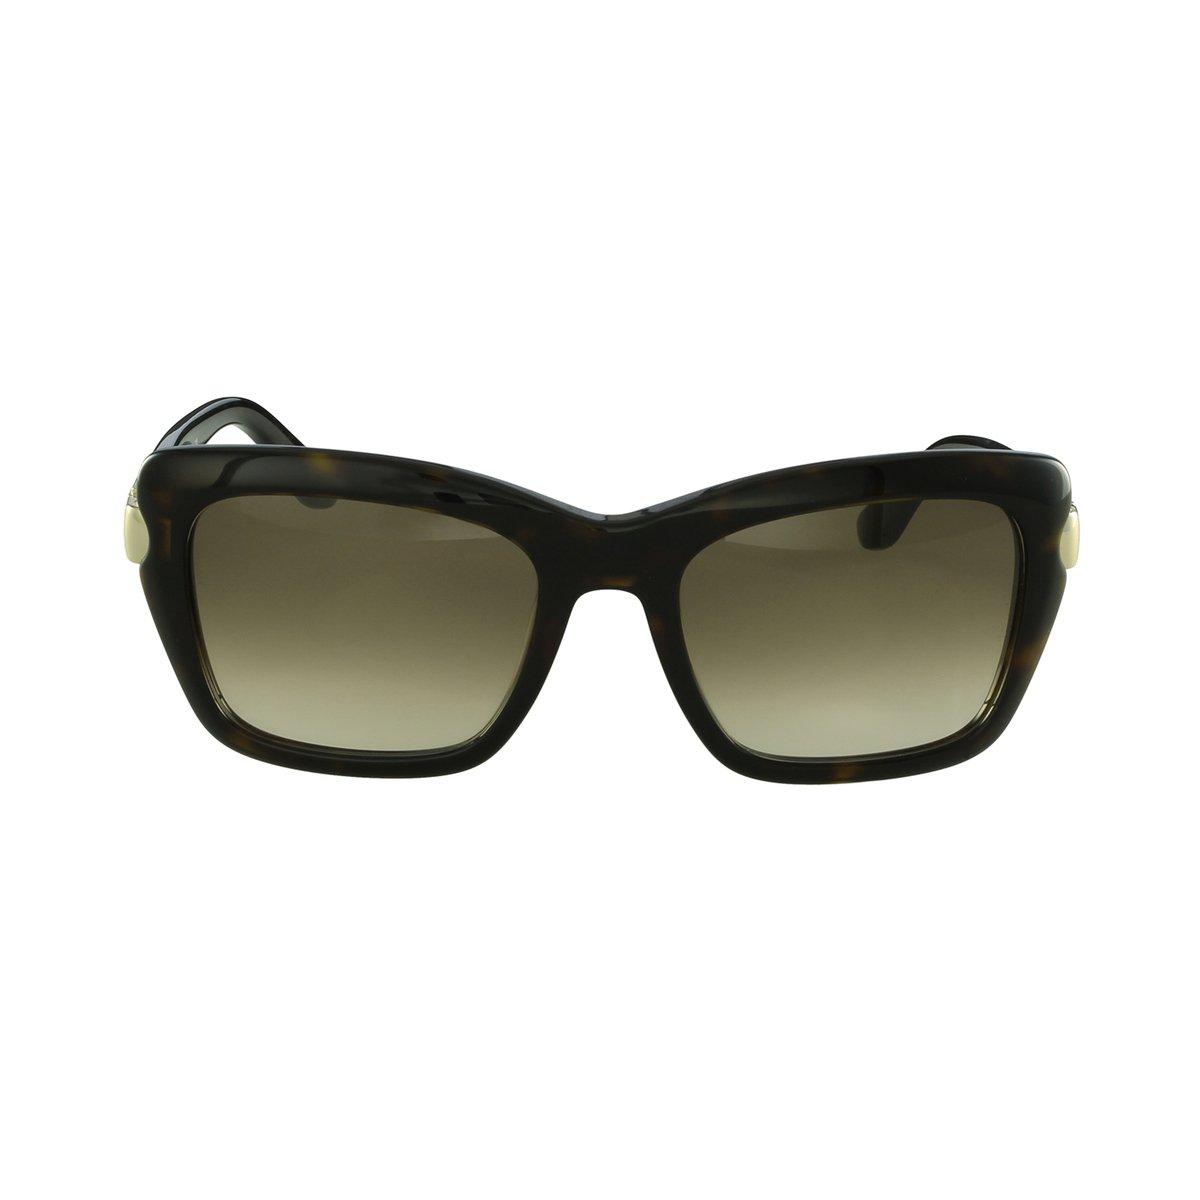 e3f9a240aa0d5 Óculos de Sol Salvatore Ferragamo Casual Marrom - Compre Agora ...